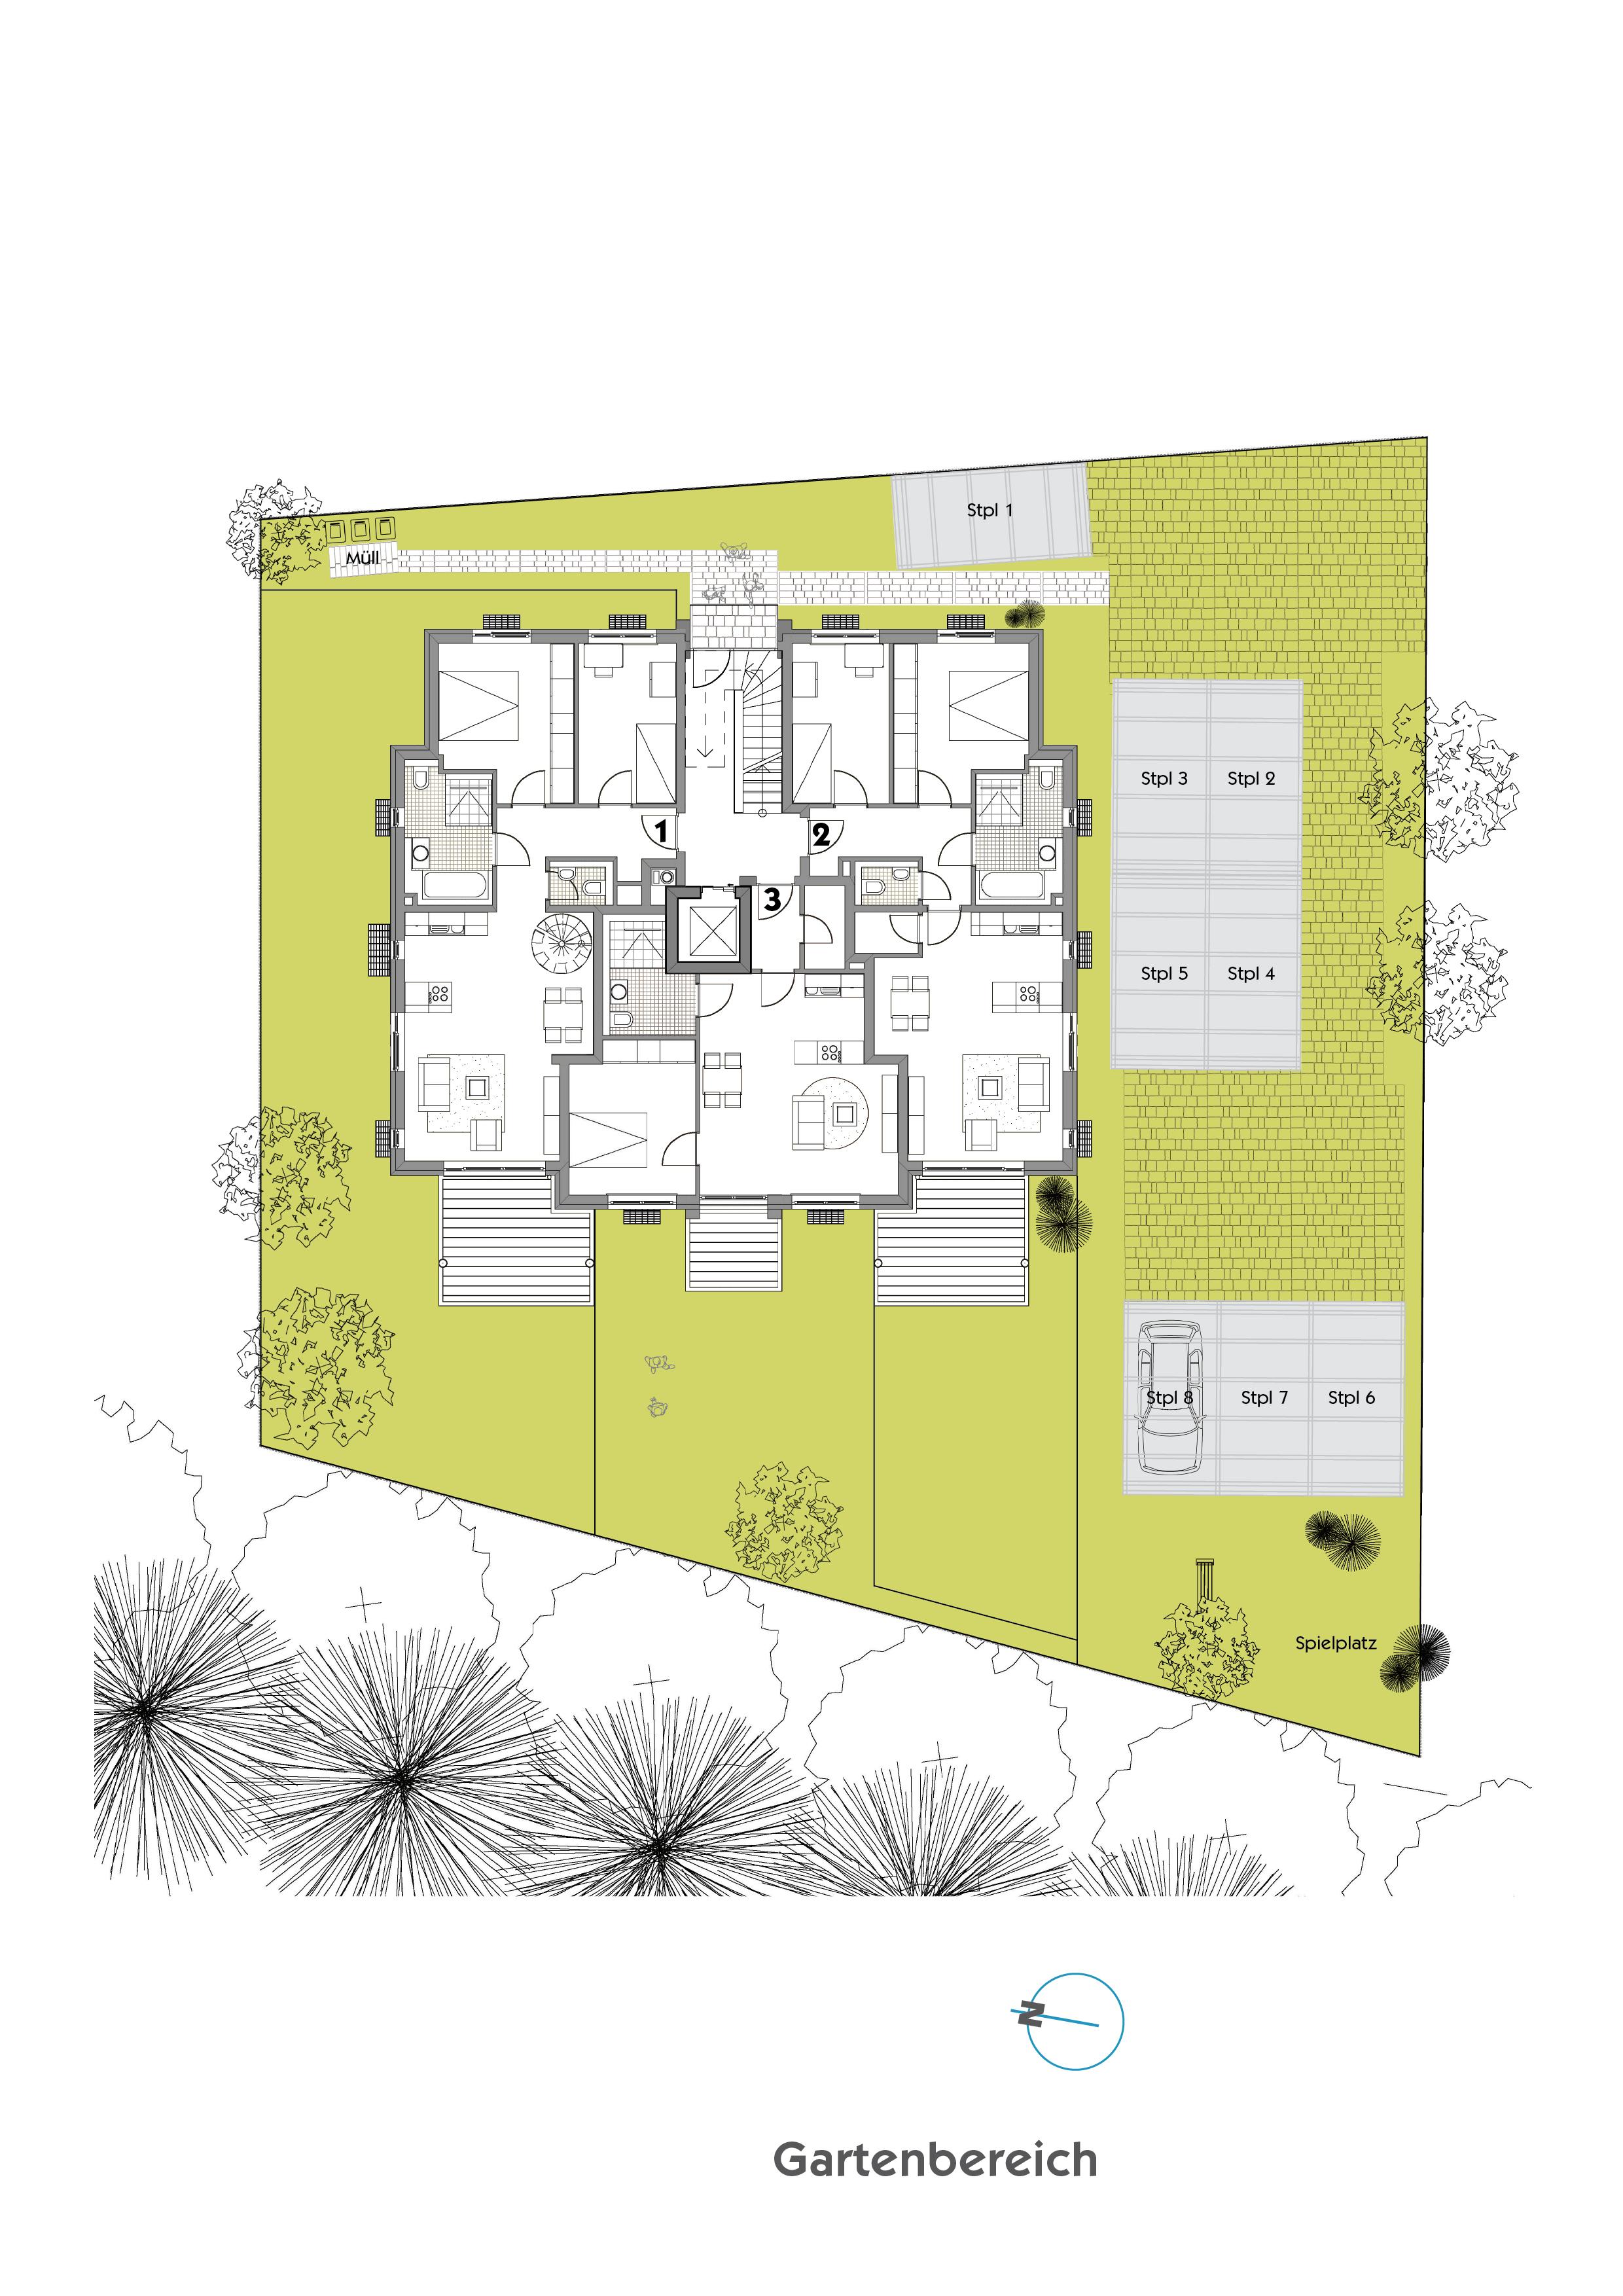 Neumarkt_Giehlstr_Plan_Gartenbereich